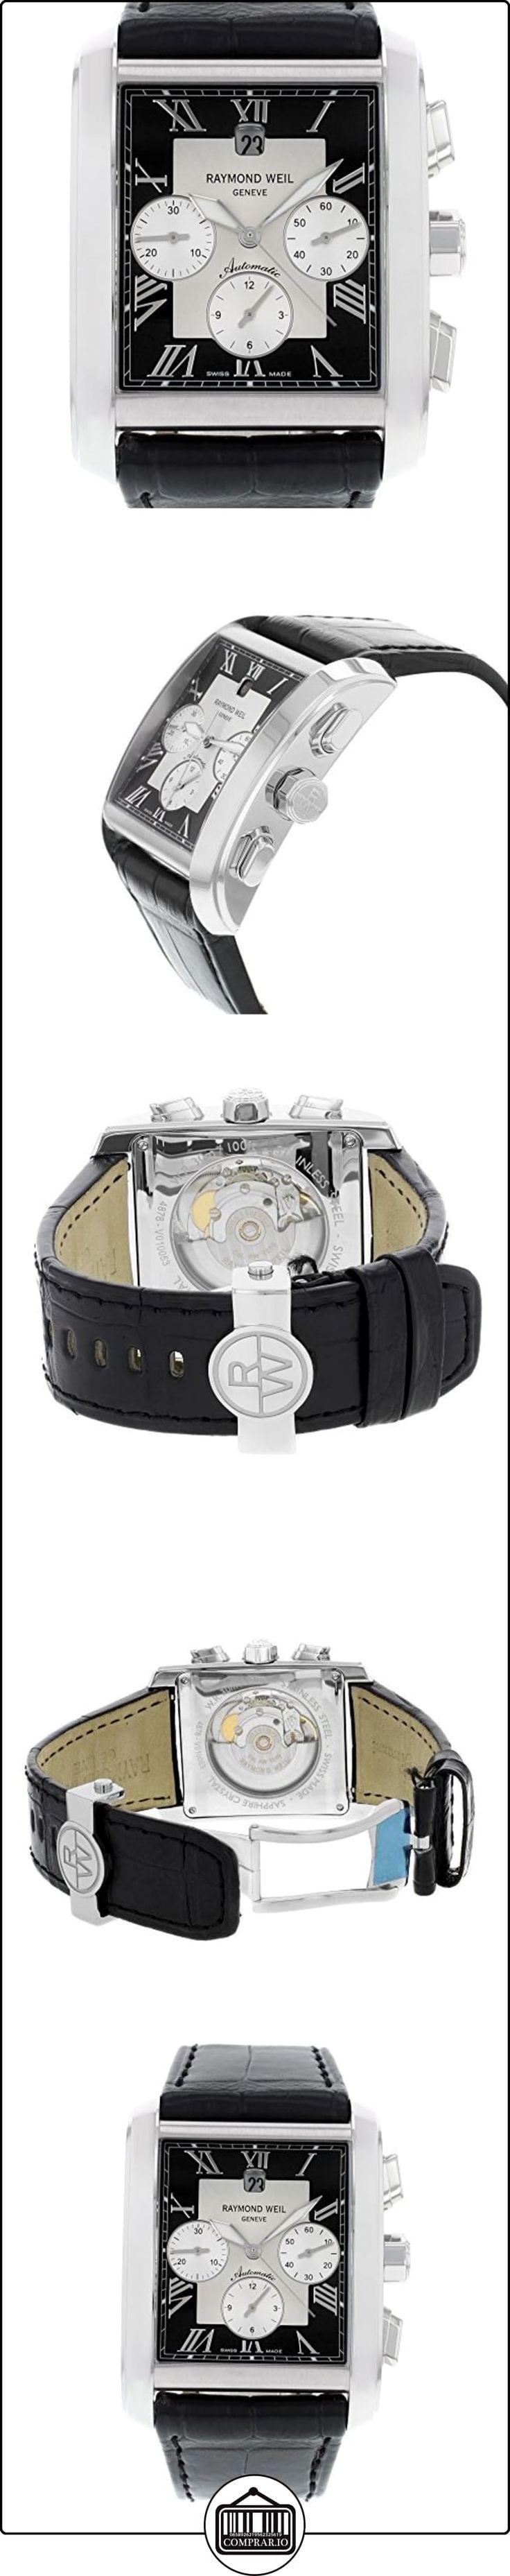 Raymond Weil Don Giovanni Cosi Grande 4878-STC-00268 automático reloj de acero de los hombres de  ✿ Relojes para hombre - (Lujo) ✿